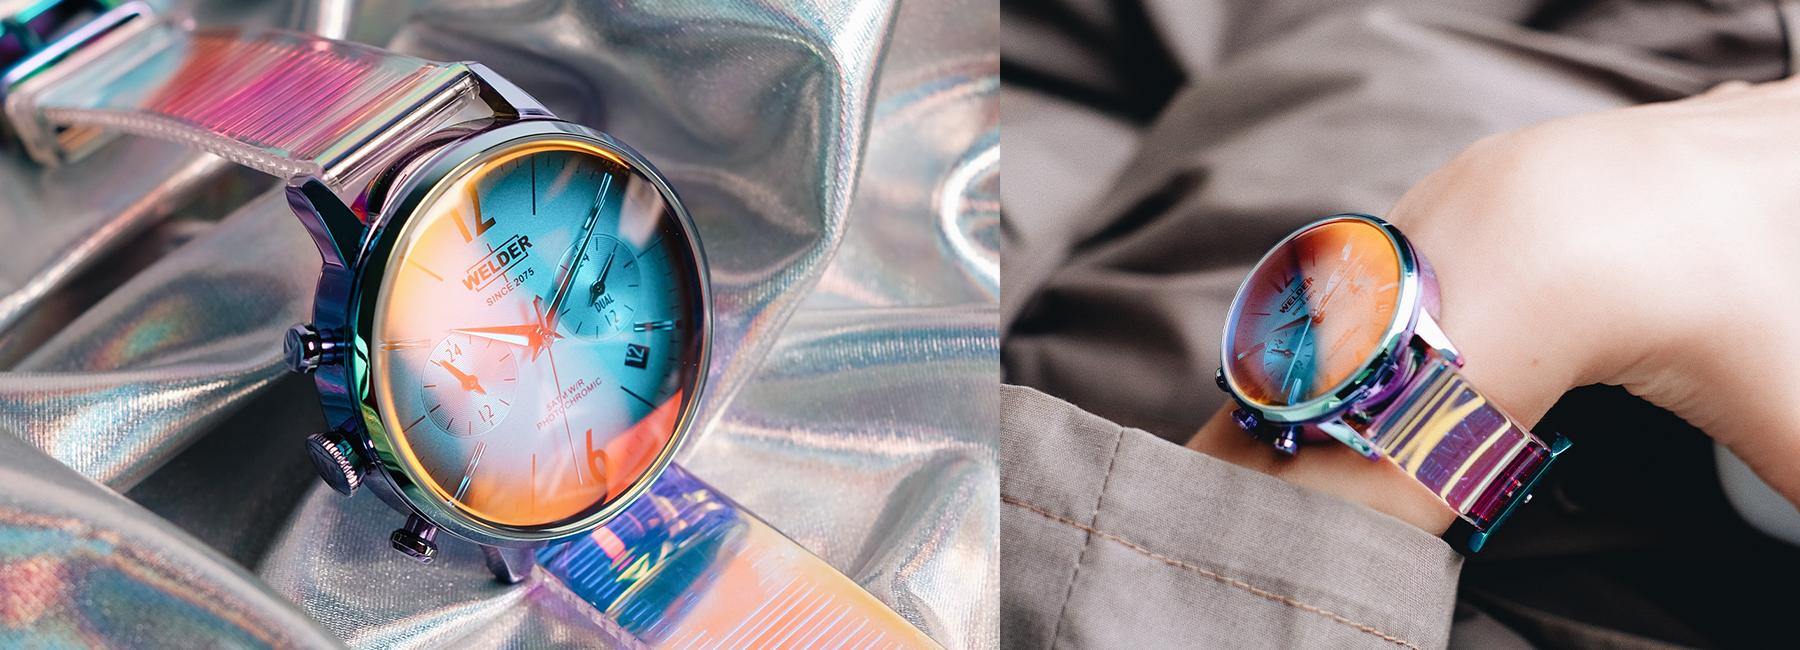 Hologram Etkisi Bileğinde: Welder Moody Hologram'ı Keşfet